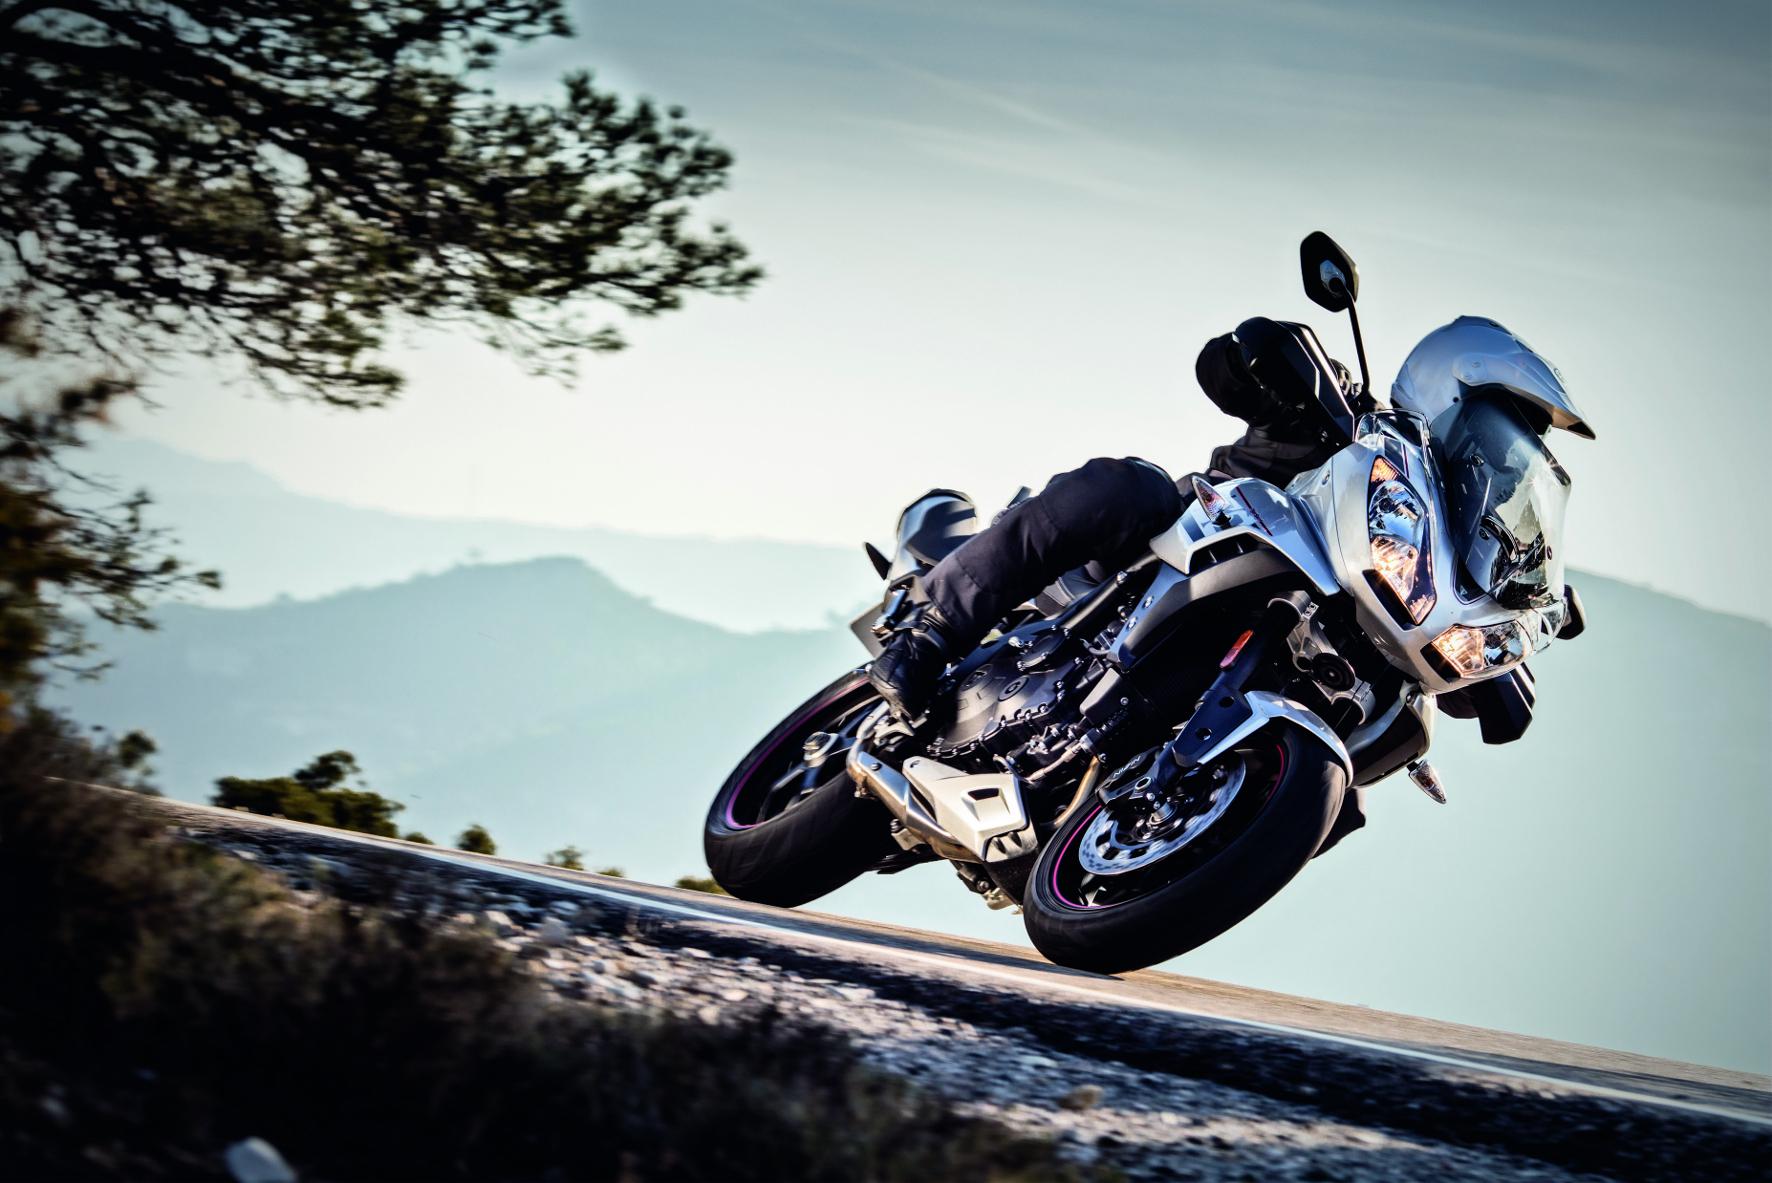 mid Groß-Gerau - Ein Versicherungswechsel lohnt sich für Motorradfahrer. Sparpotenzial bieten auch Saisonkennzeichen und Leistungsverringerungen.